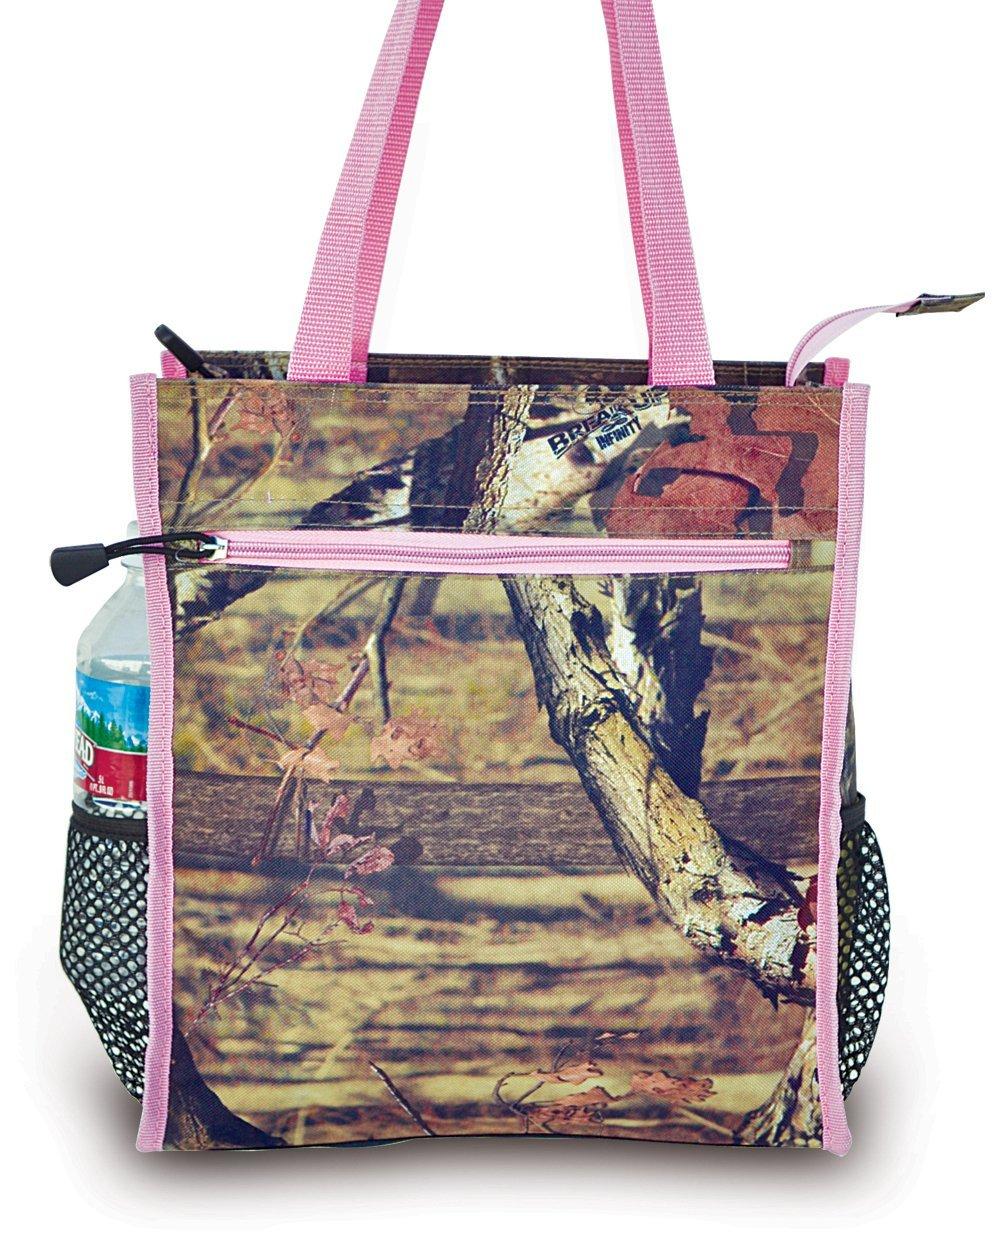 Amazon.com : Mossy Oak pañal Señoras monedero del bolso, de ...